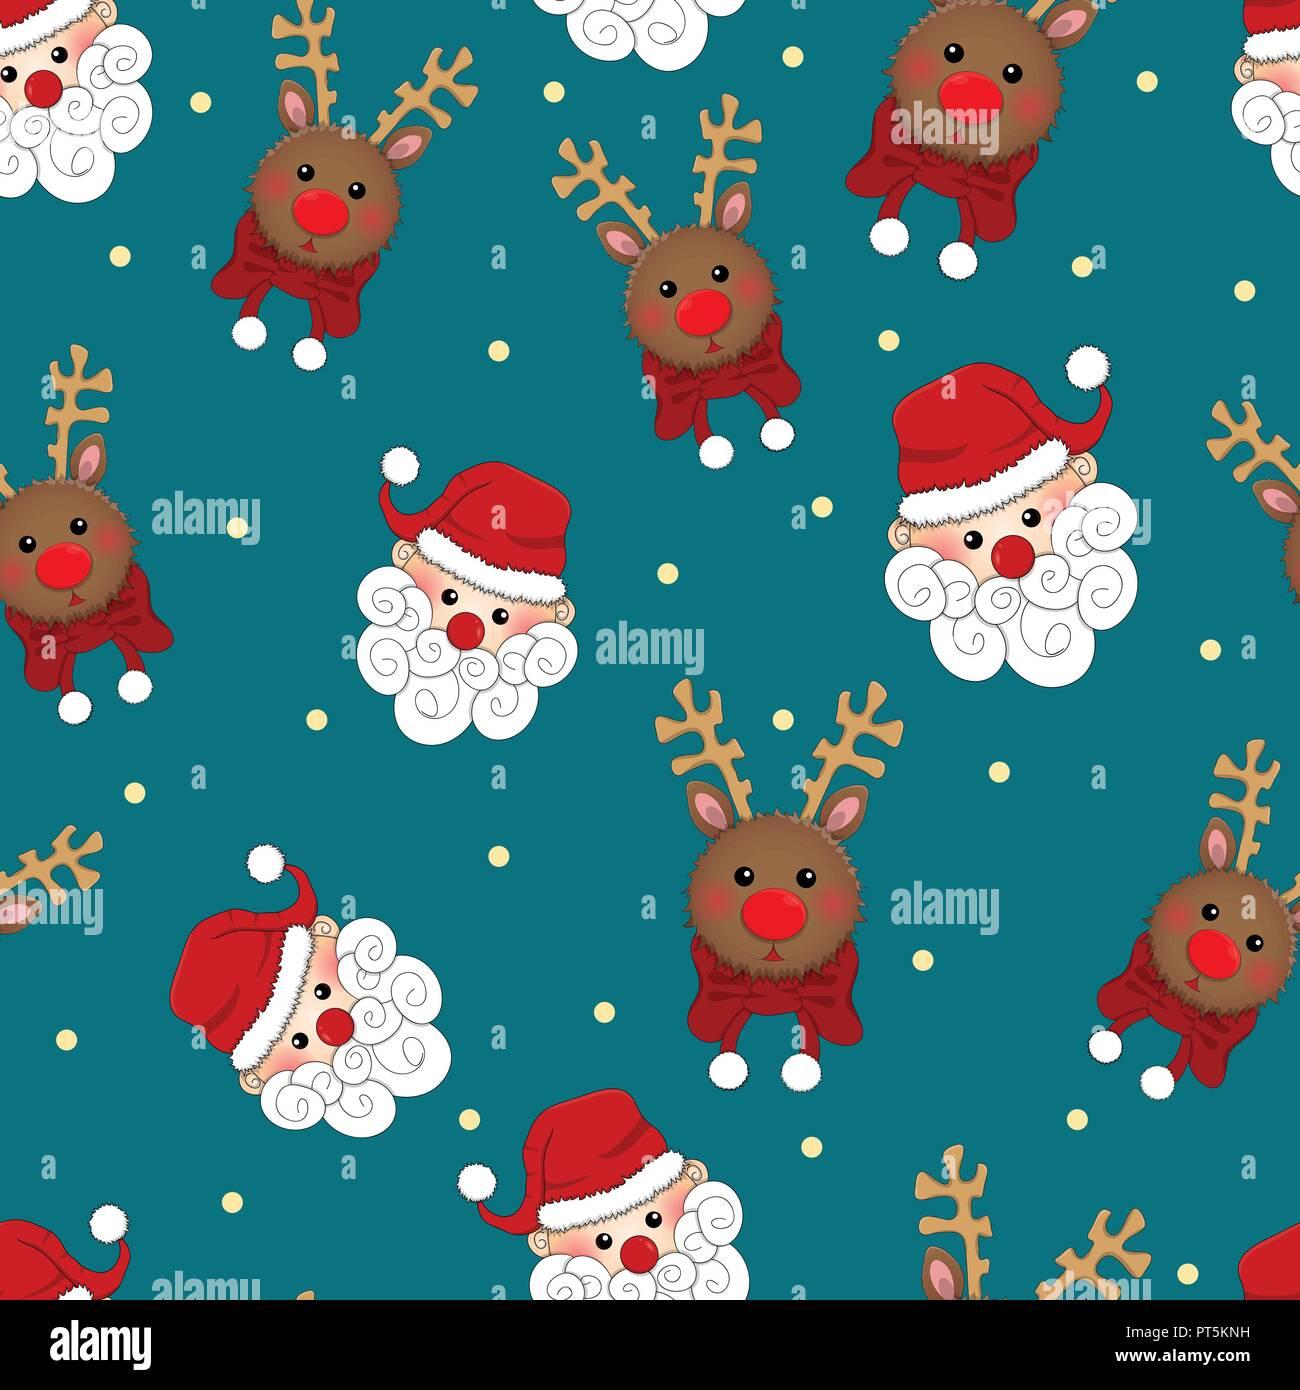 Sfondi Babbo Natale.Babbo Natale E La Renna Seamless Su Sfondo Blu Illustrazione Vettoriale Immagine E Vettoriale Alamy